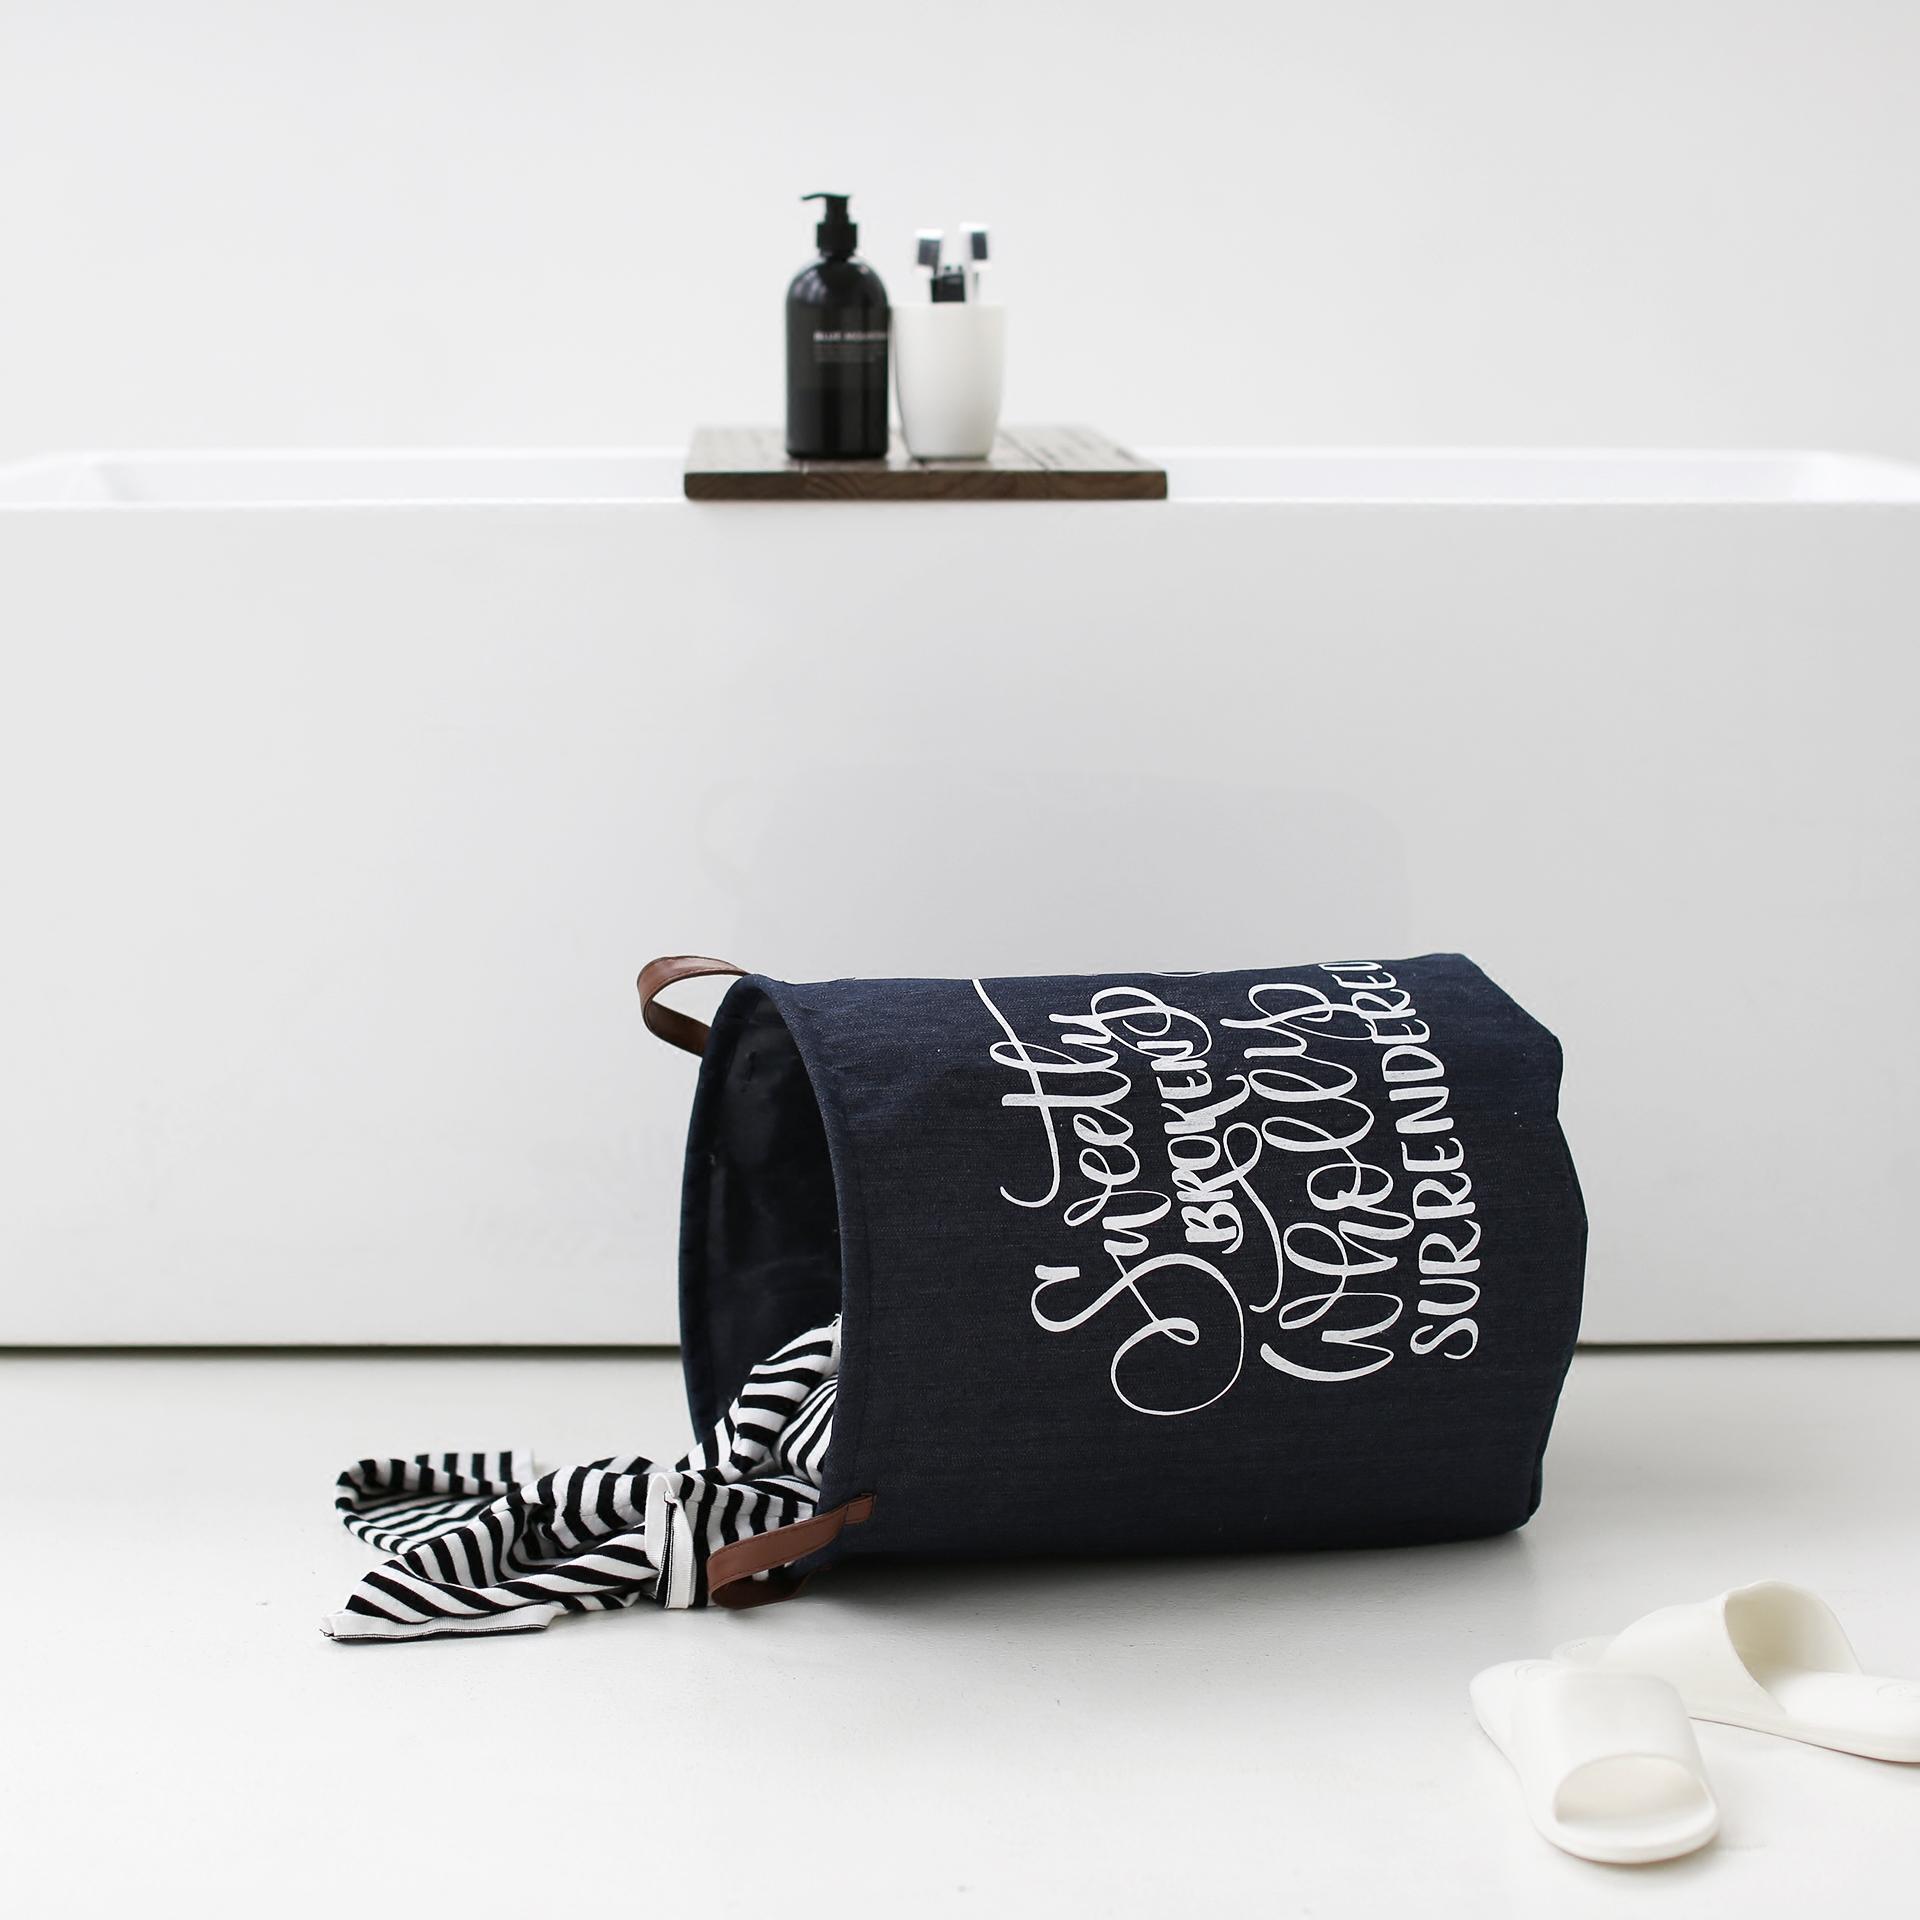 Оригинальный дизайн водонепроницаемый прачечная корзина хранение баррель ткань грязный одежда корзины складные игрушка мусор одежда хранение корзина